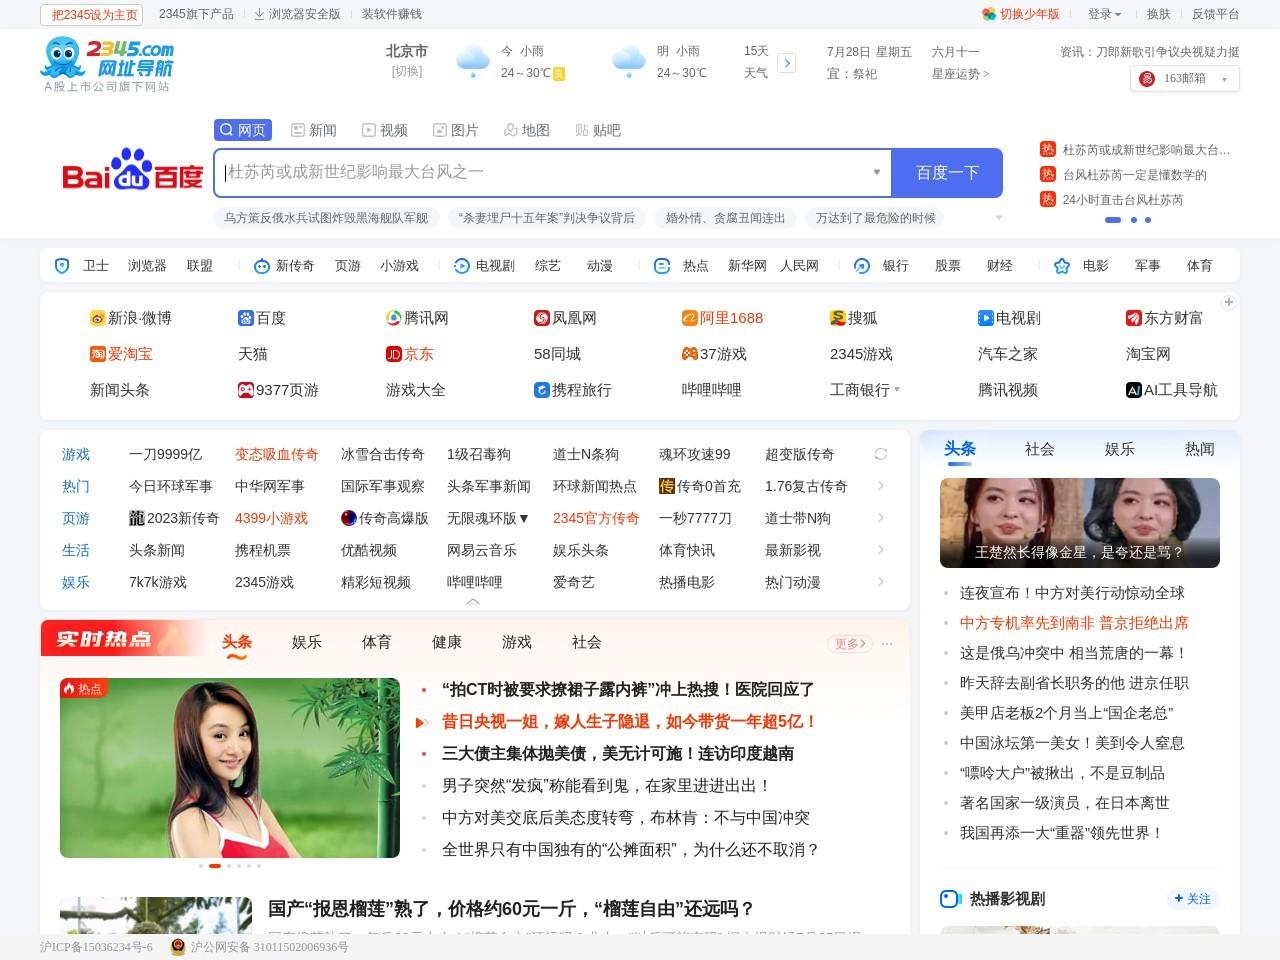 2345论坛 - 2345网址导航版块 - 意见建议